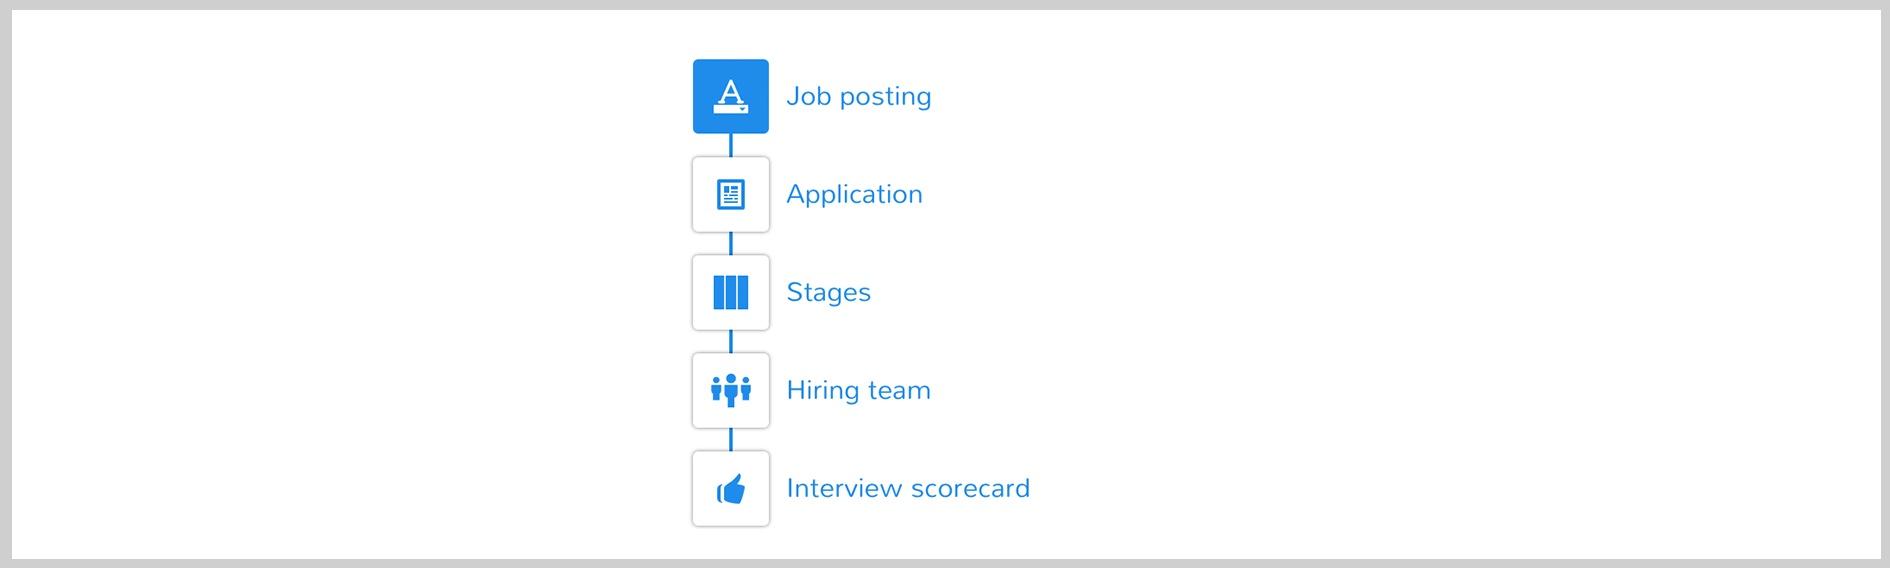 Job-flow.jpg